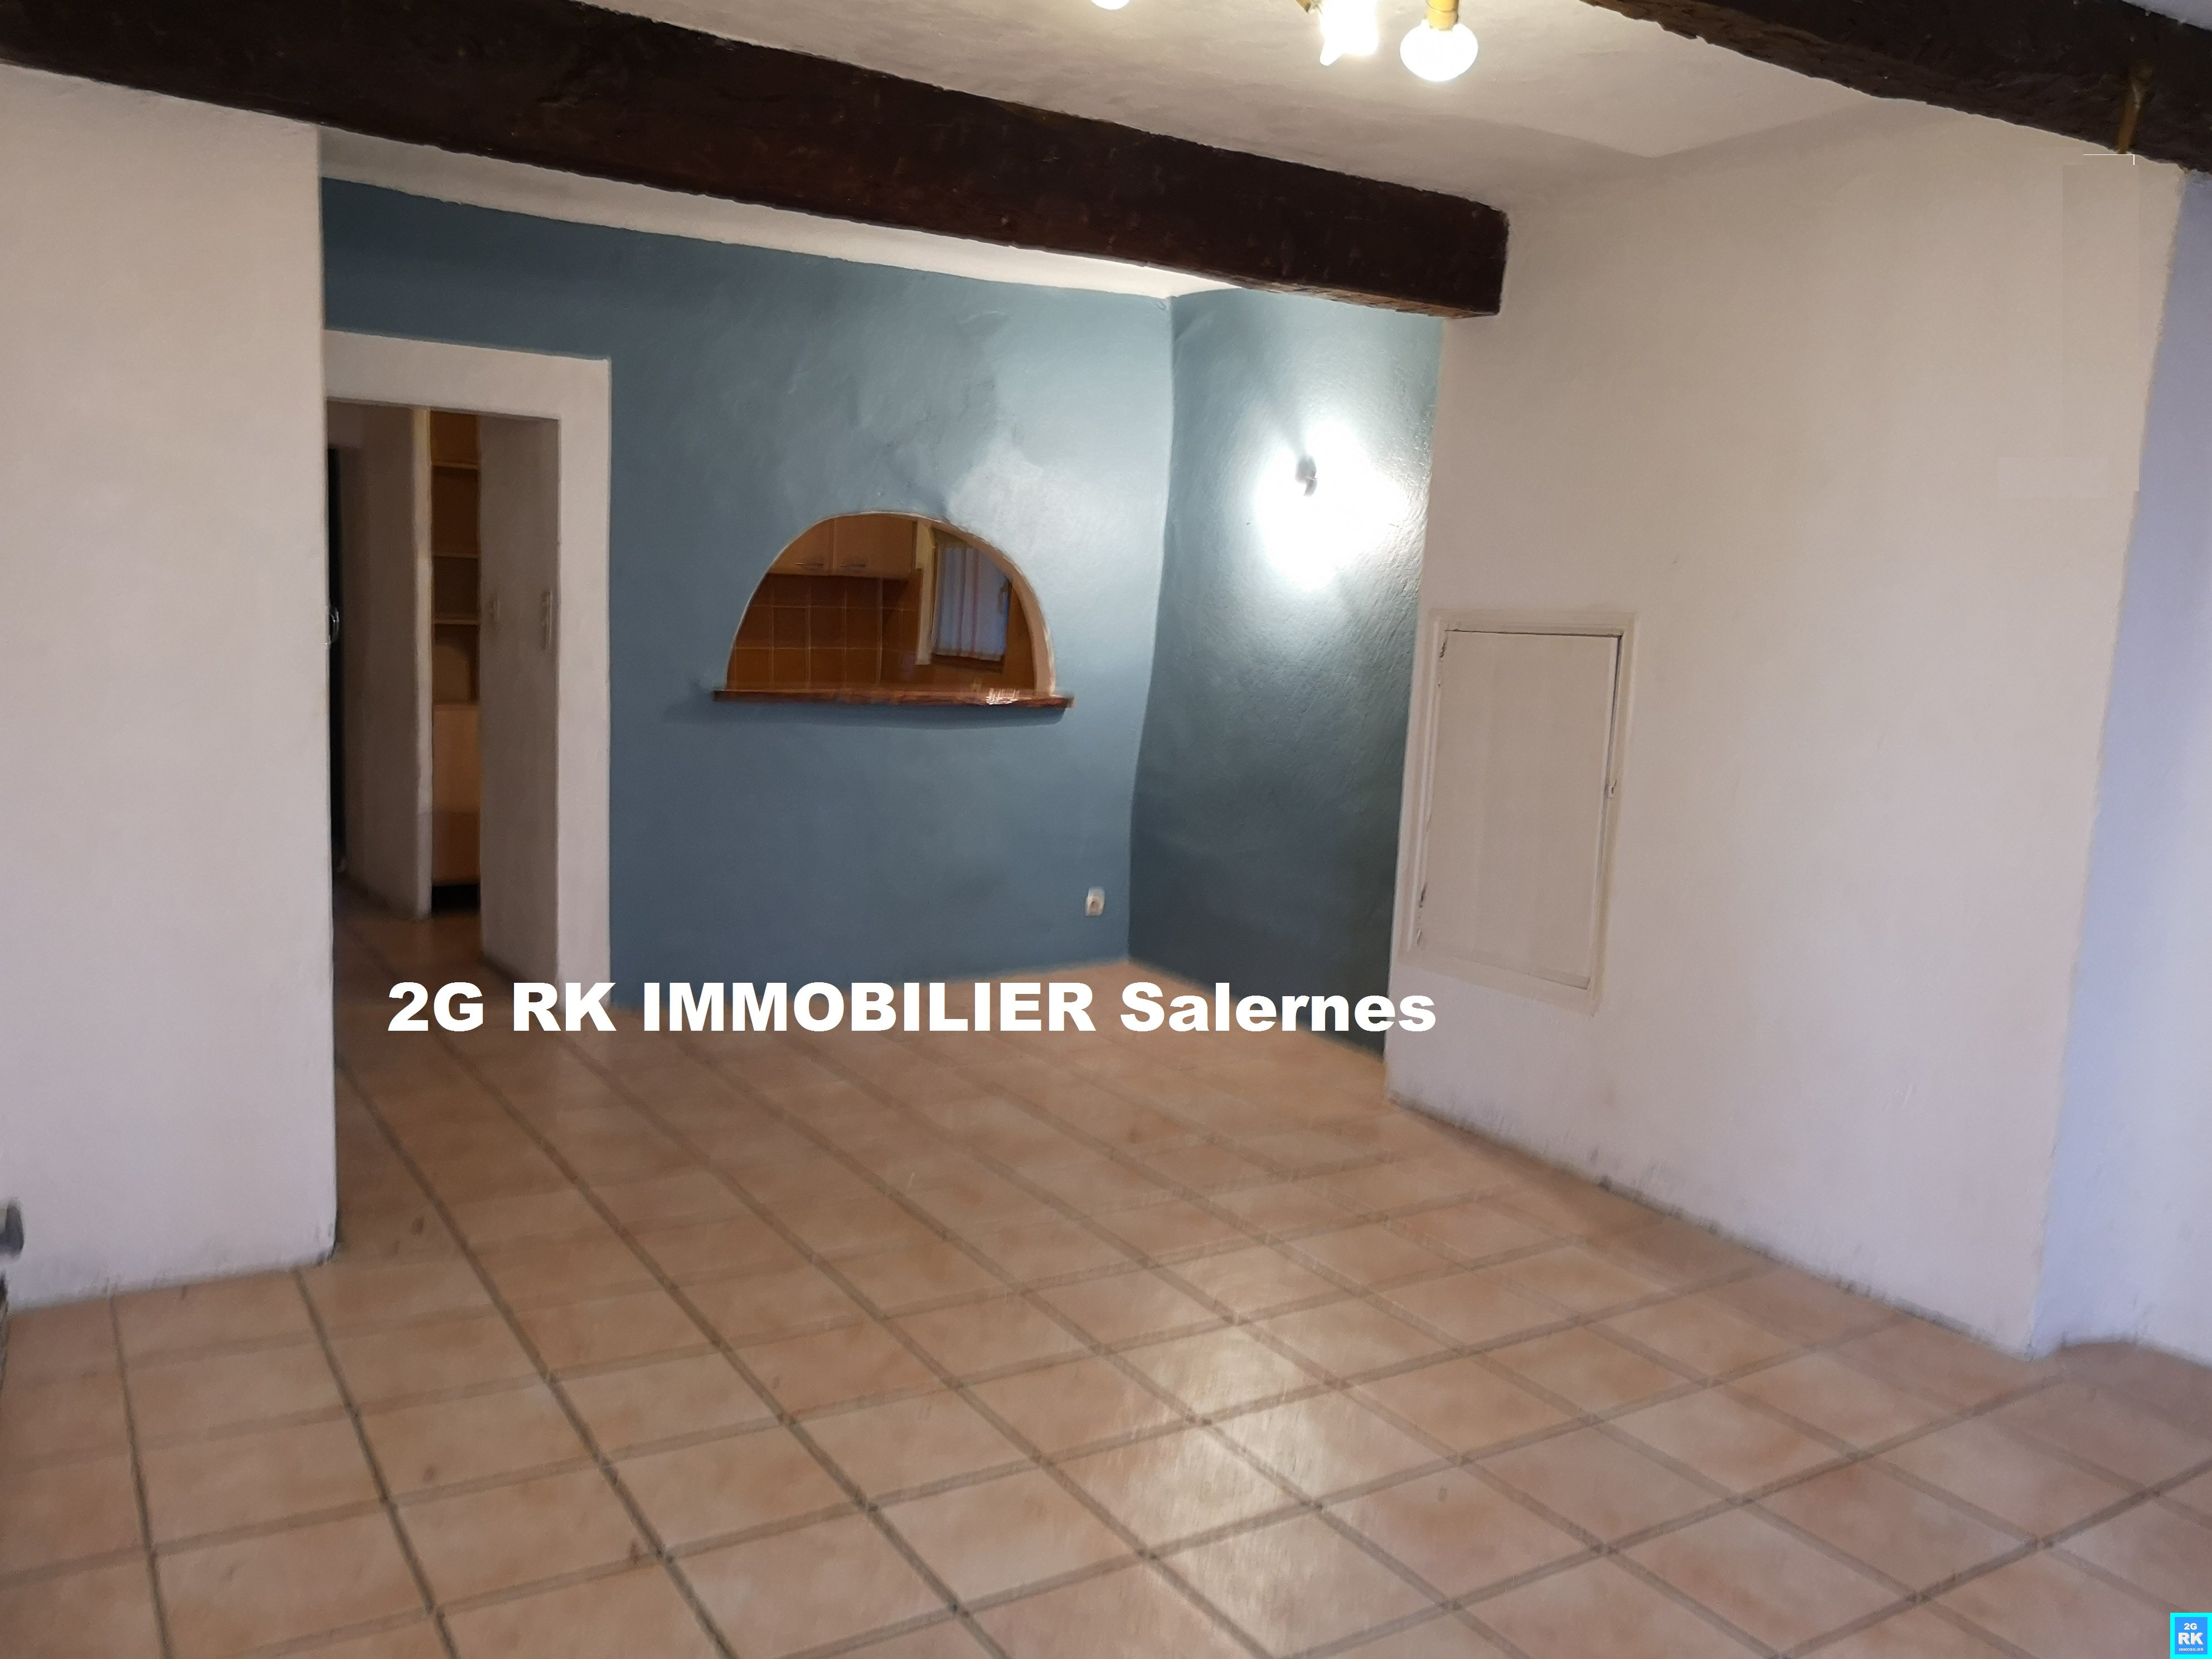 Appartement T3 centre Salernes 55 m².